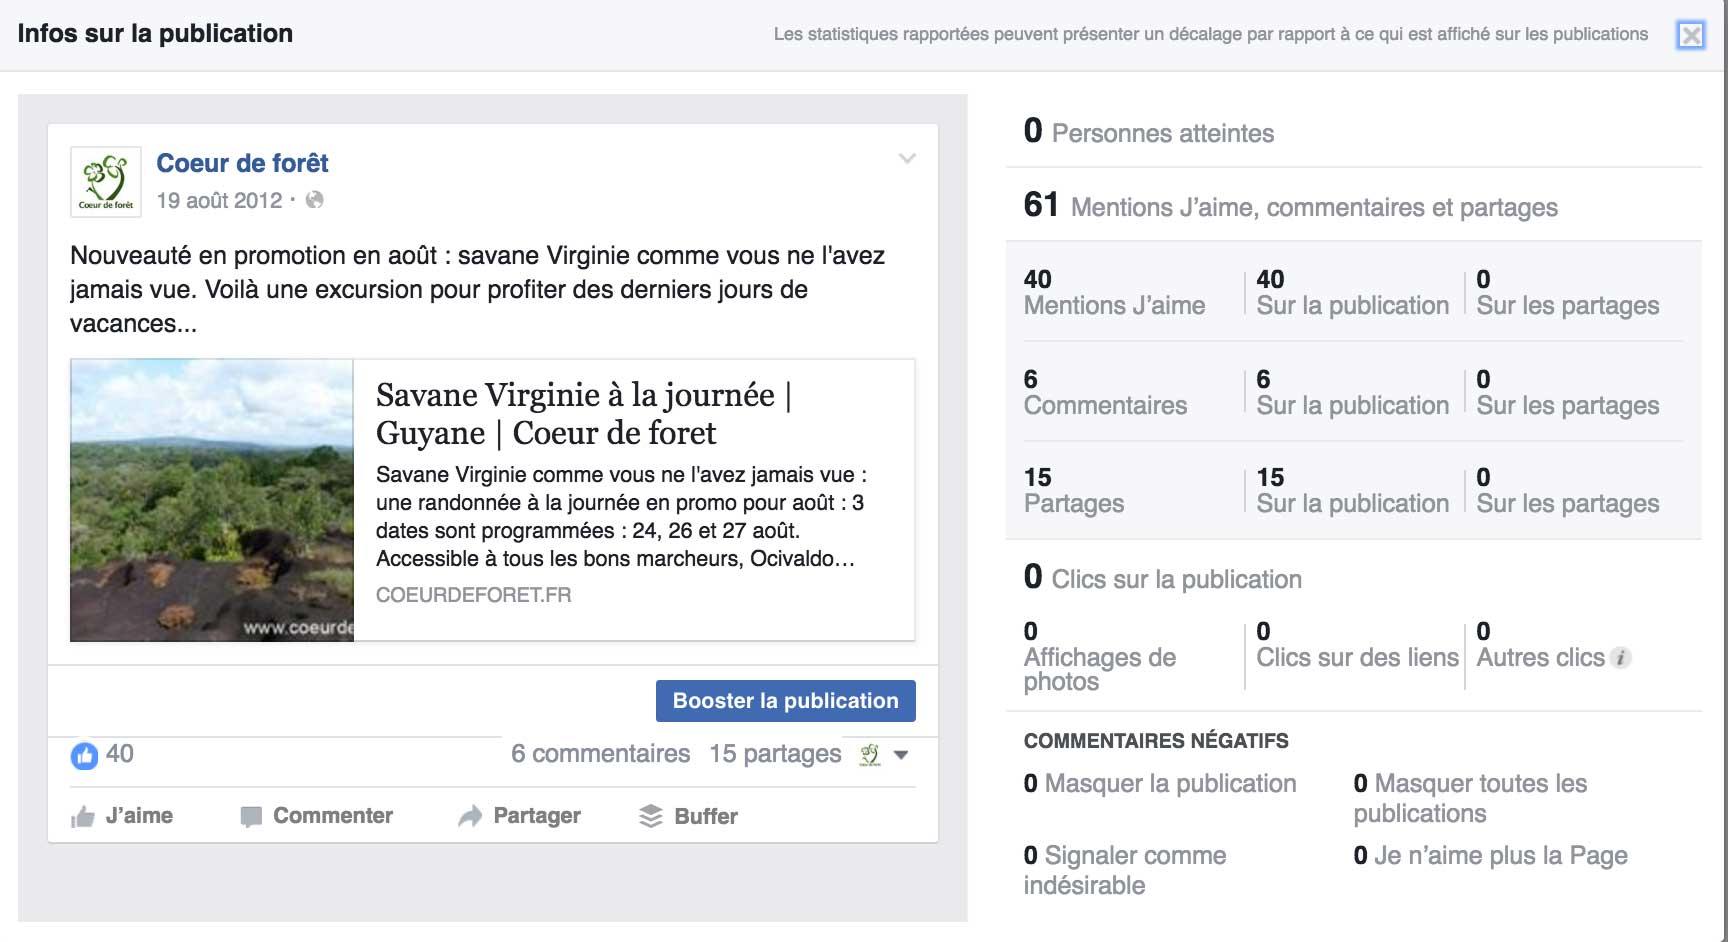 Comment j'ai sauvé ma boite avec 40 € de publicite Facebook